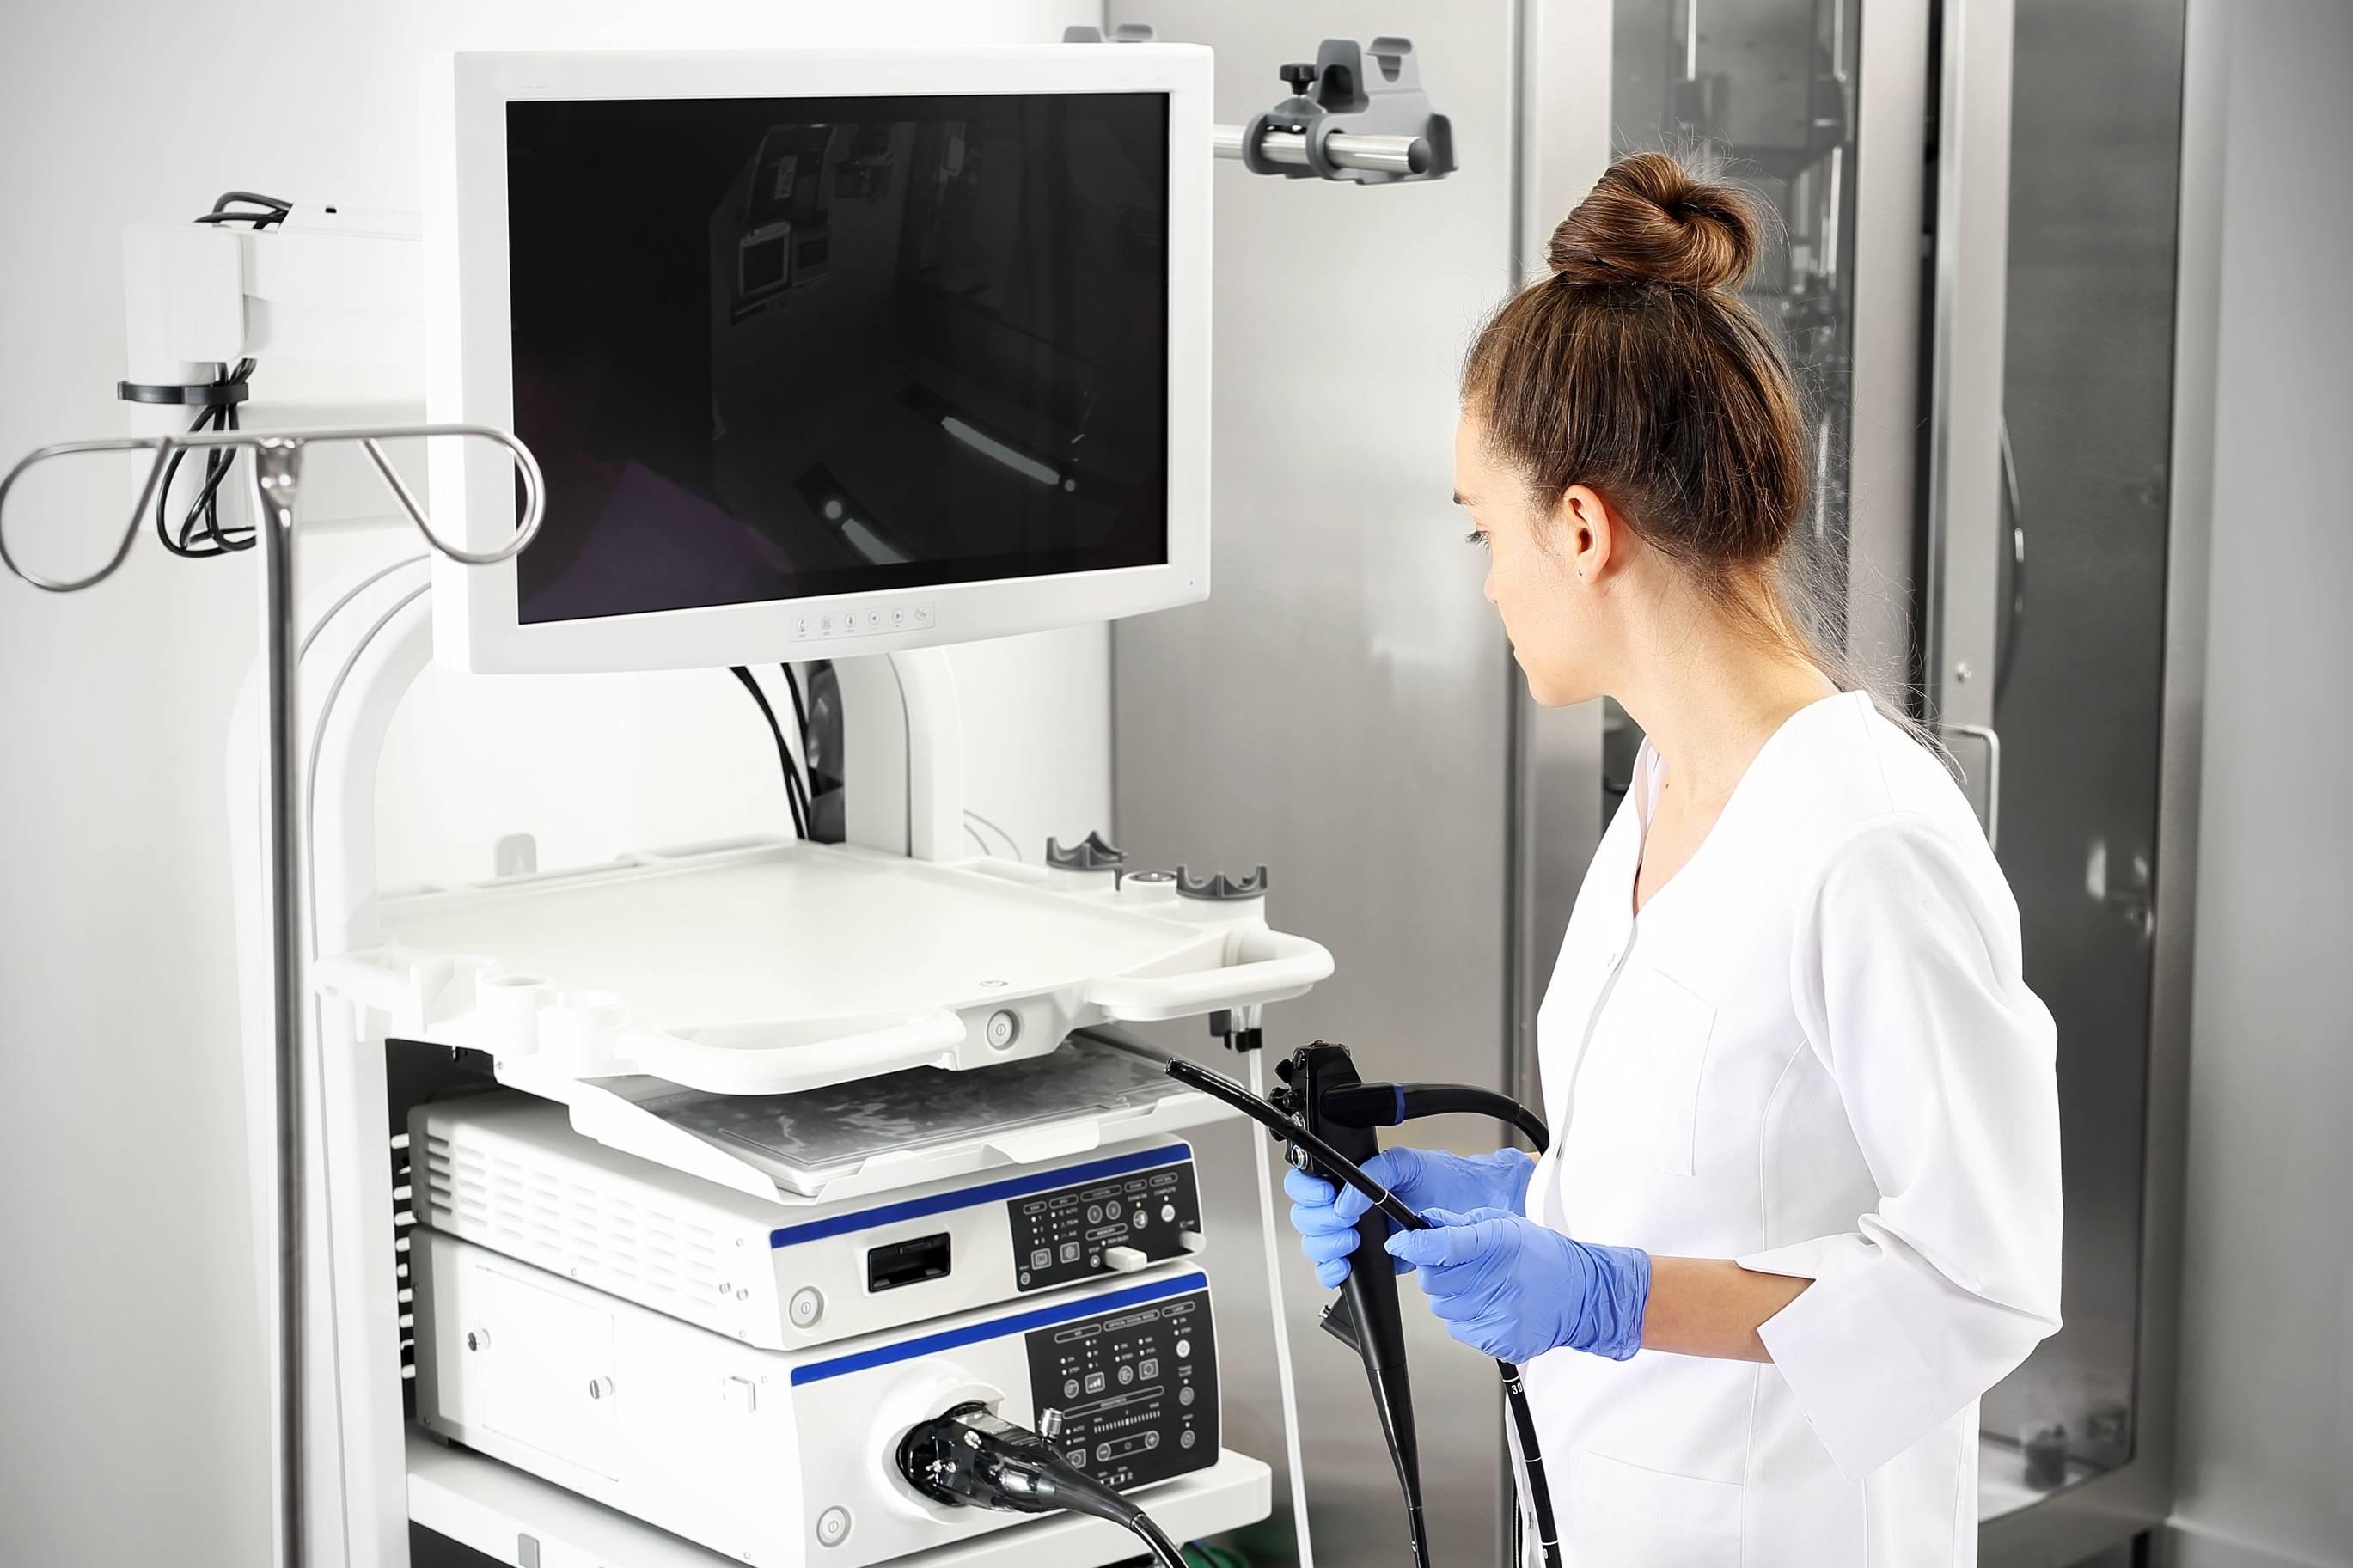 Гастроэнтерология в германии: клиники, лечение жкт (органов пищеварения) в германии